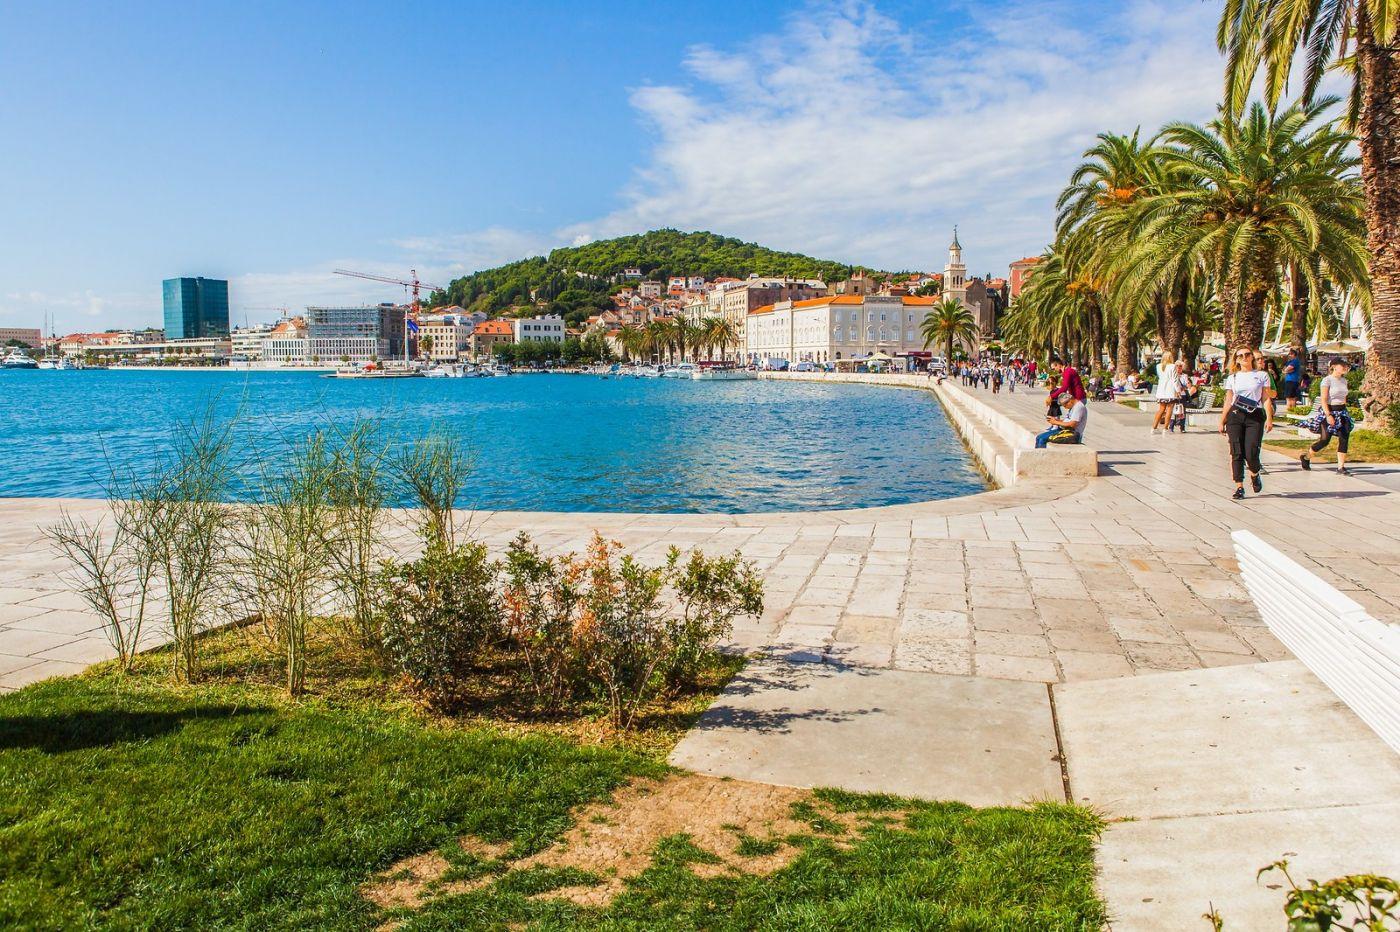 克罗地亚斯普利特(Split),美丽海滨城市_图1-26